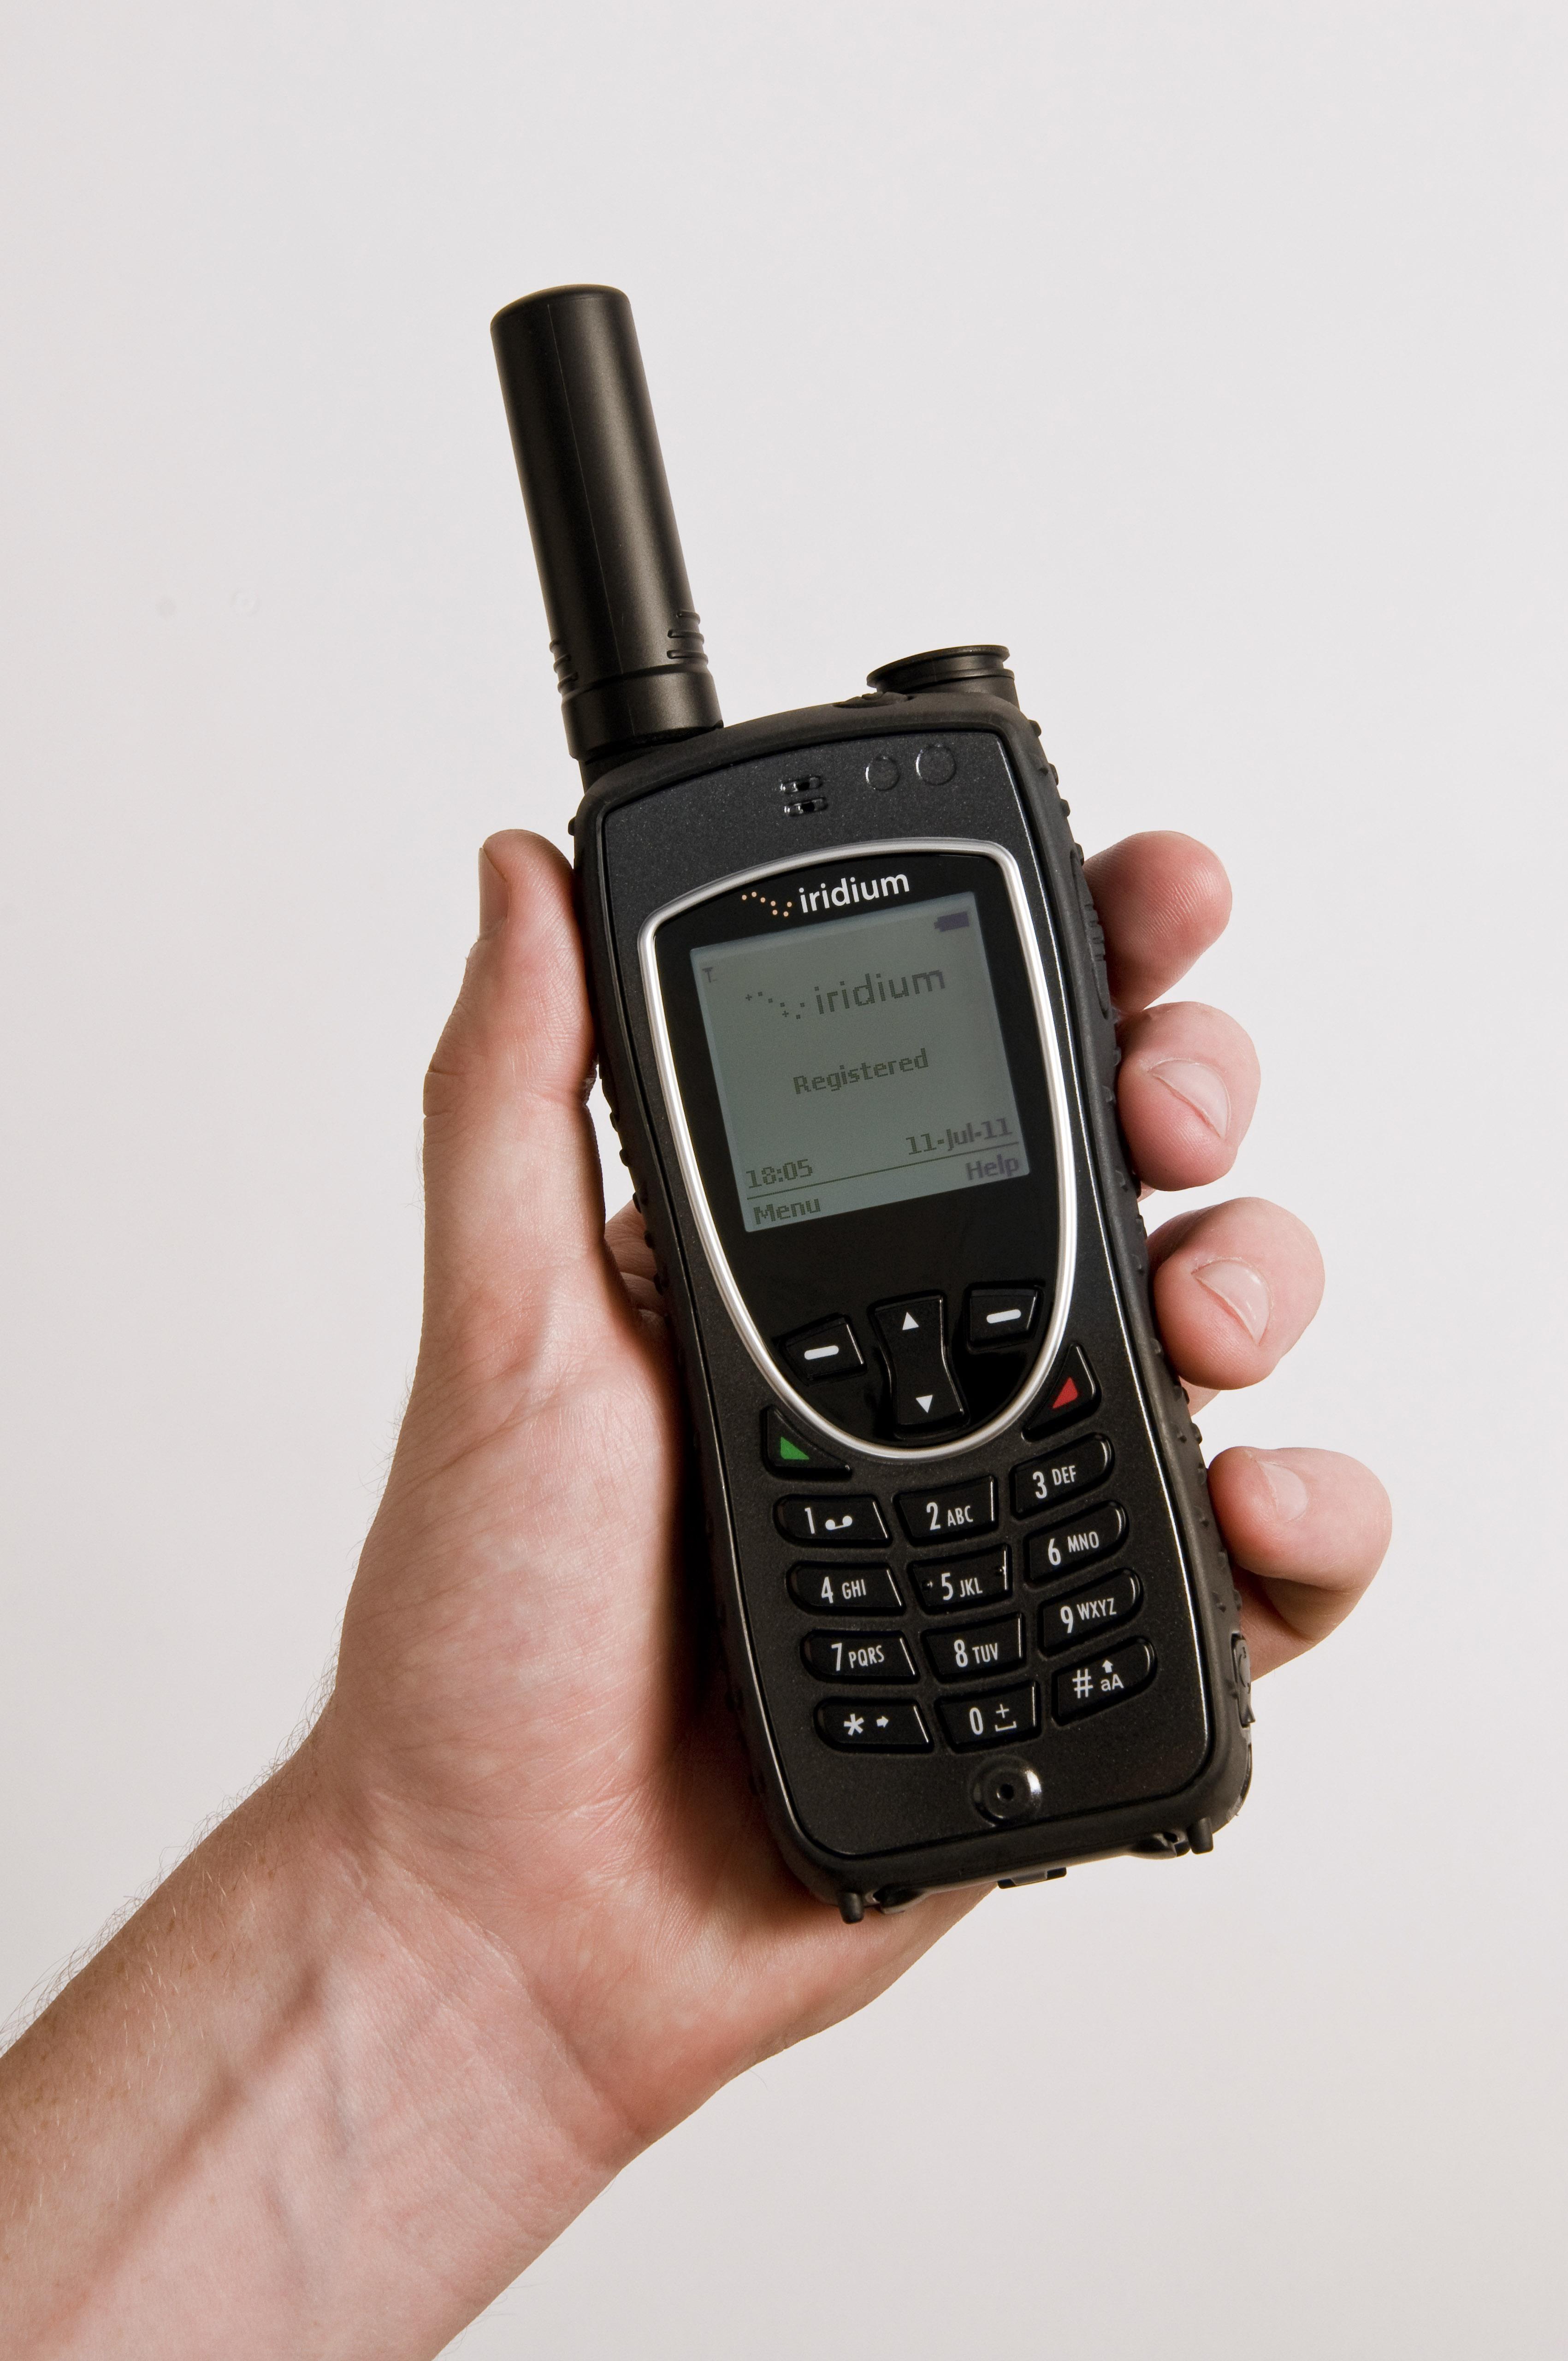 Iridium Extreme Handheld